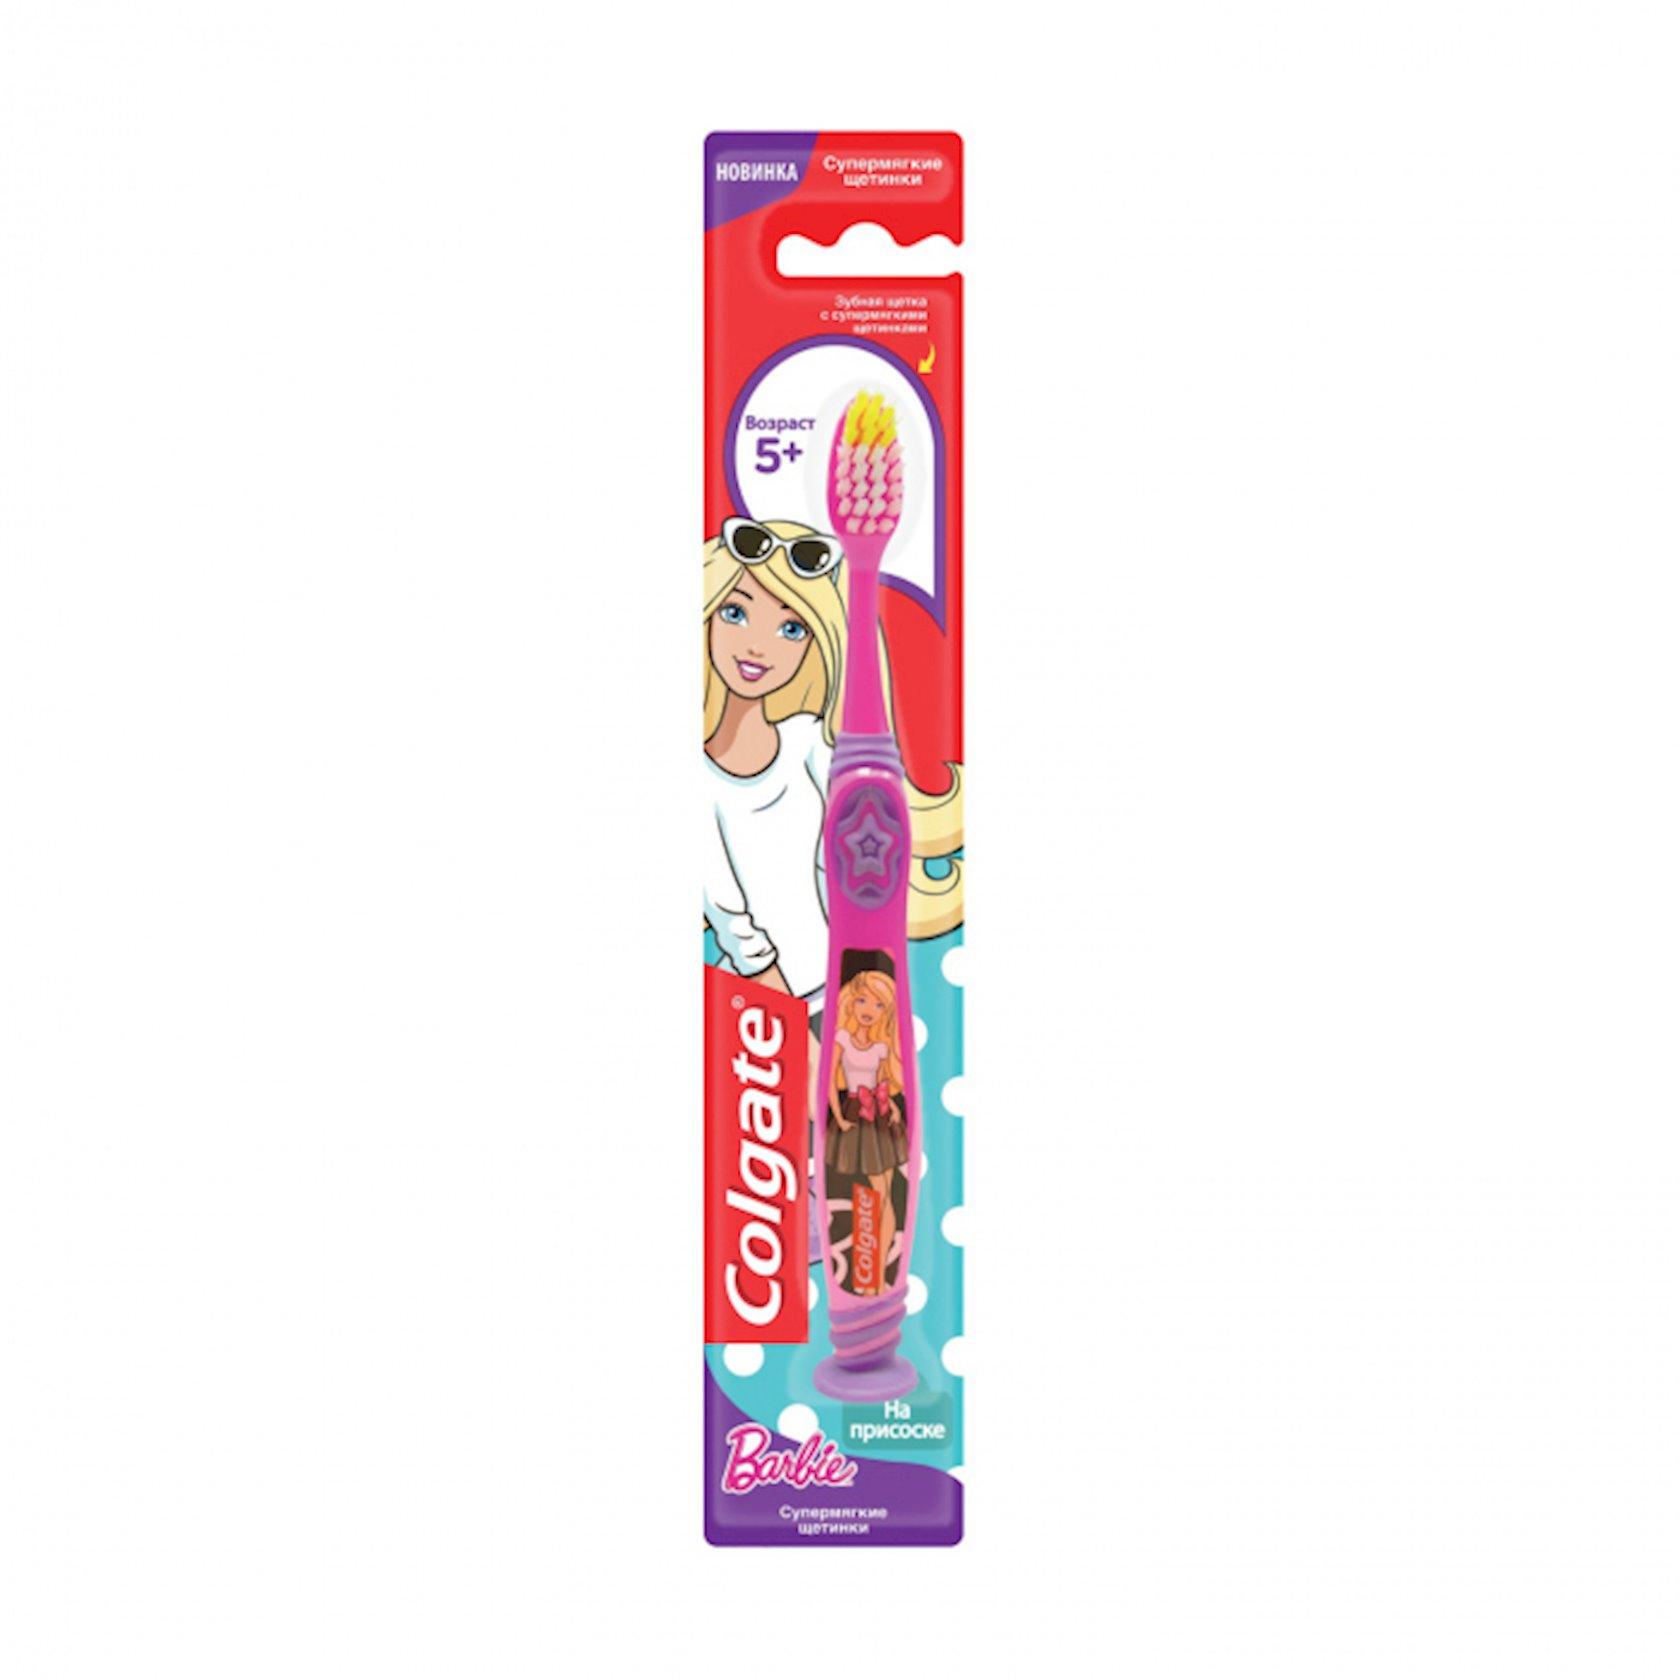 Diş fırçası uşaq üçün Colgate 5 yaşindan , yumşaq